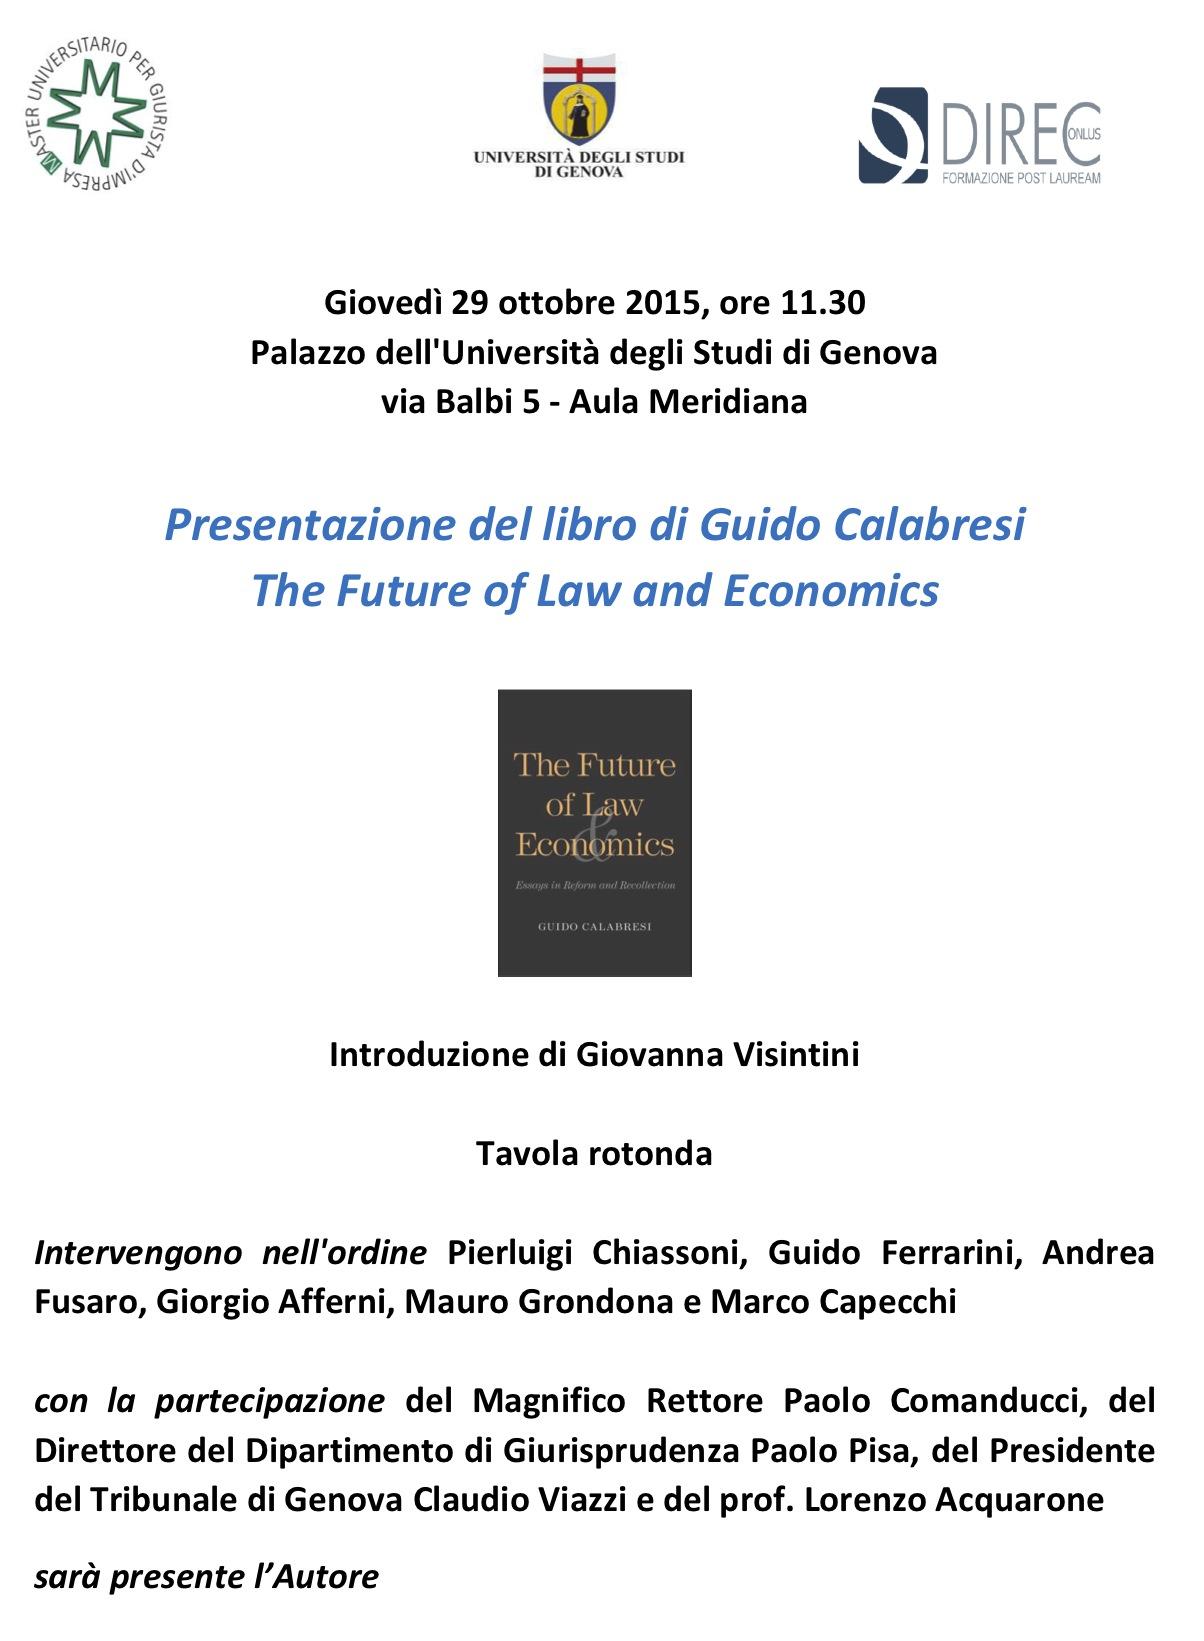 Invito a presentazione libro di Guido Calabresi